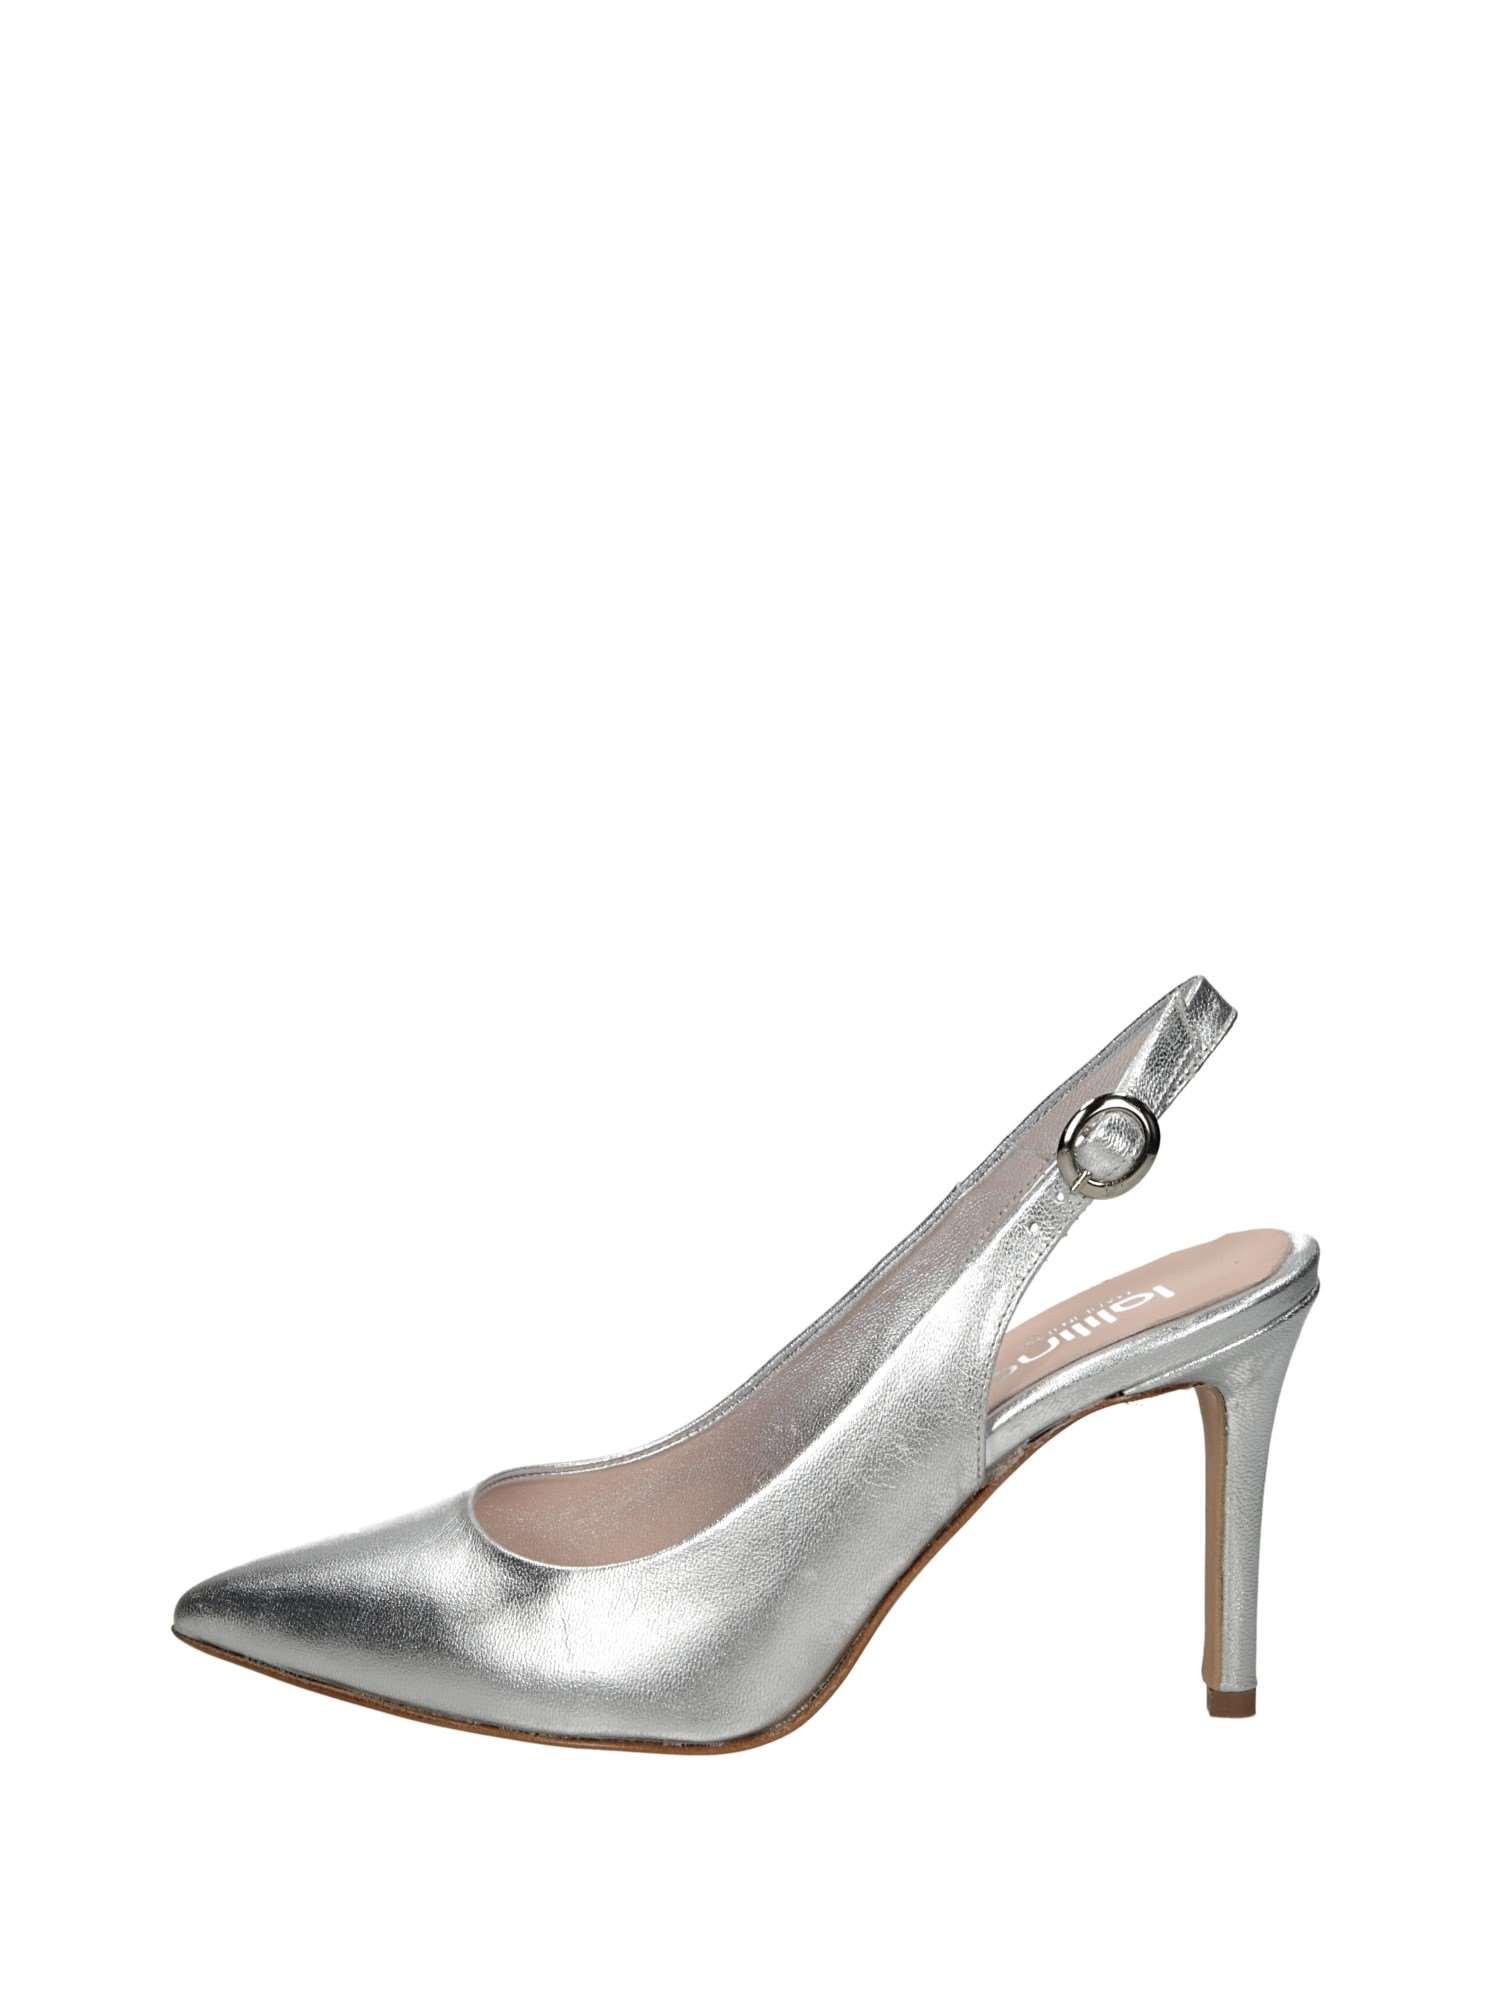 cheaper 4f27a 3e6b1 Lalilina Chanel Donna Argento | Lalilina